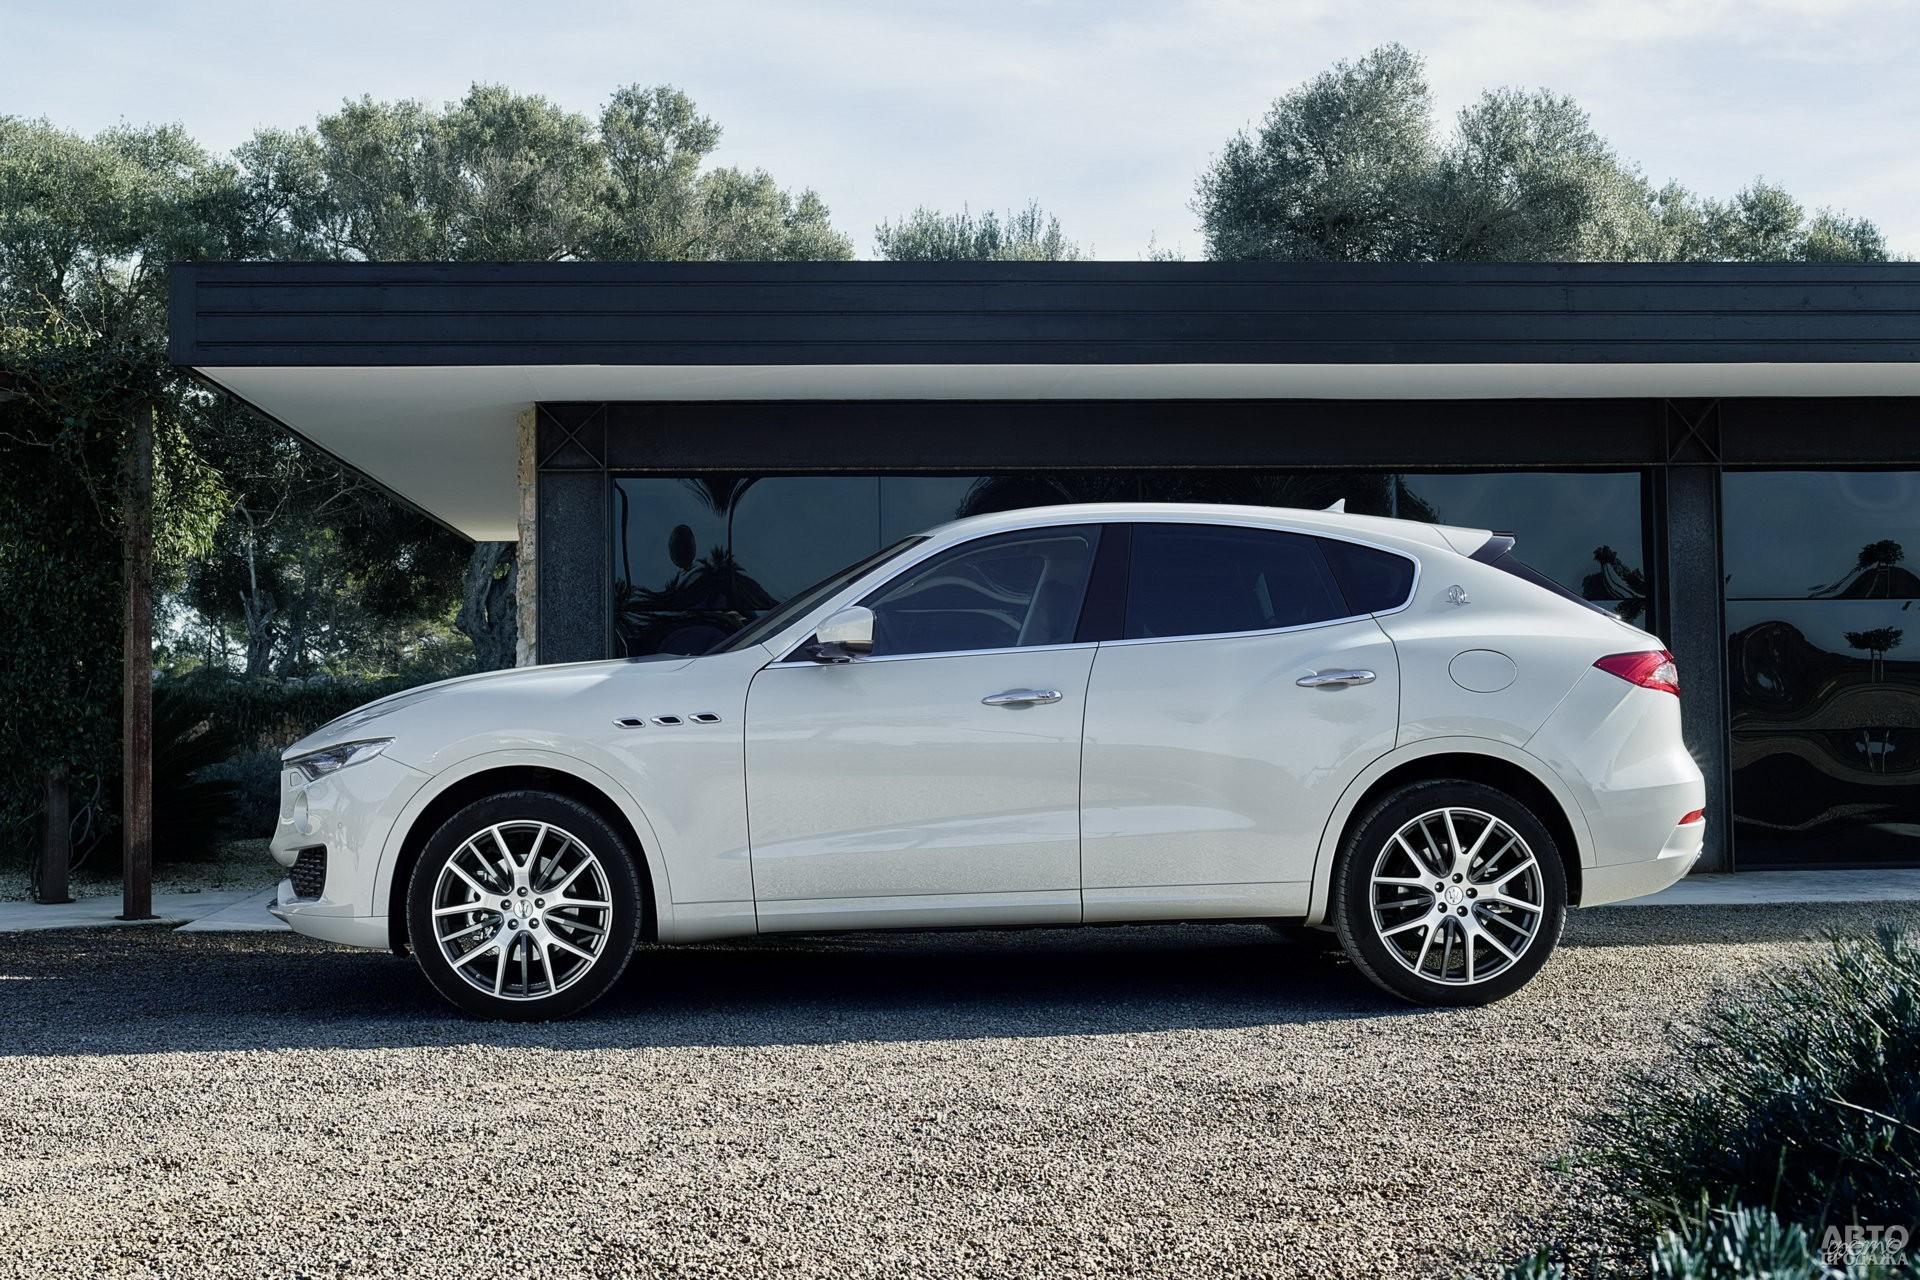 Аркообразная форма крыши – отличительная черта Maserati